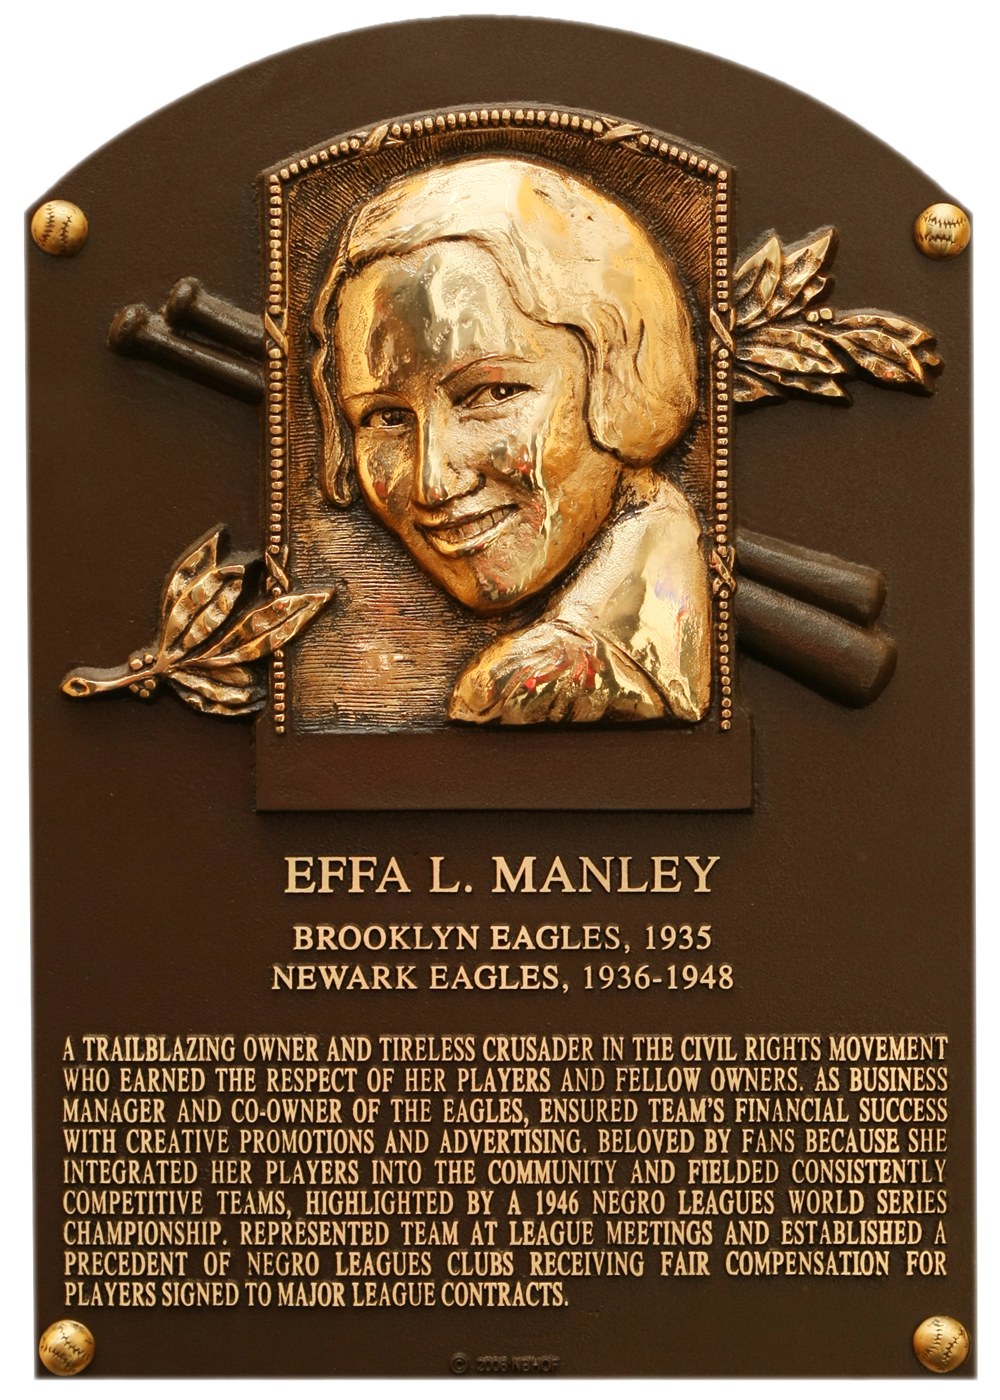 effa manley